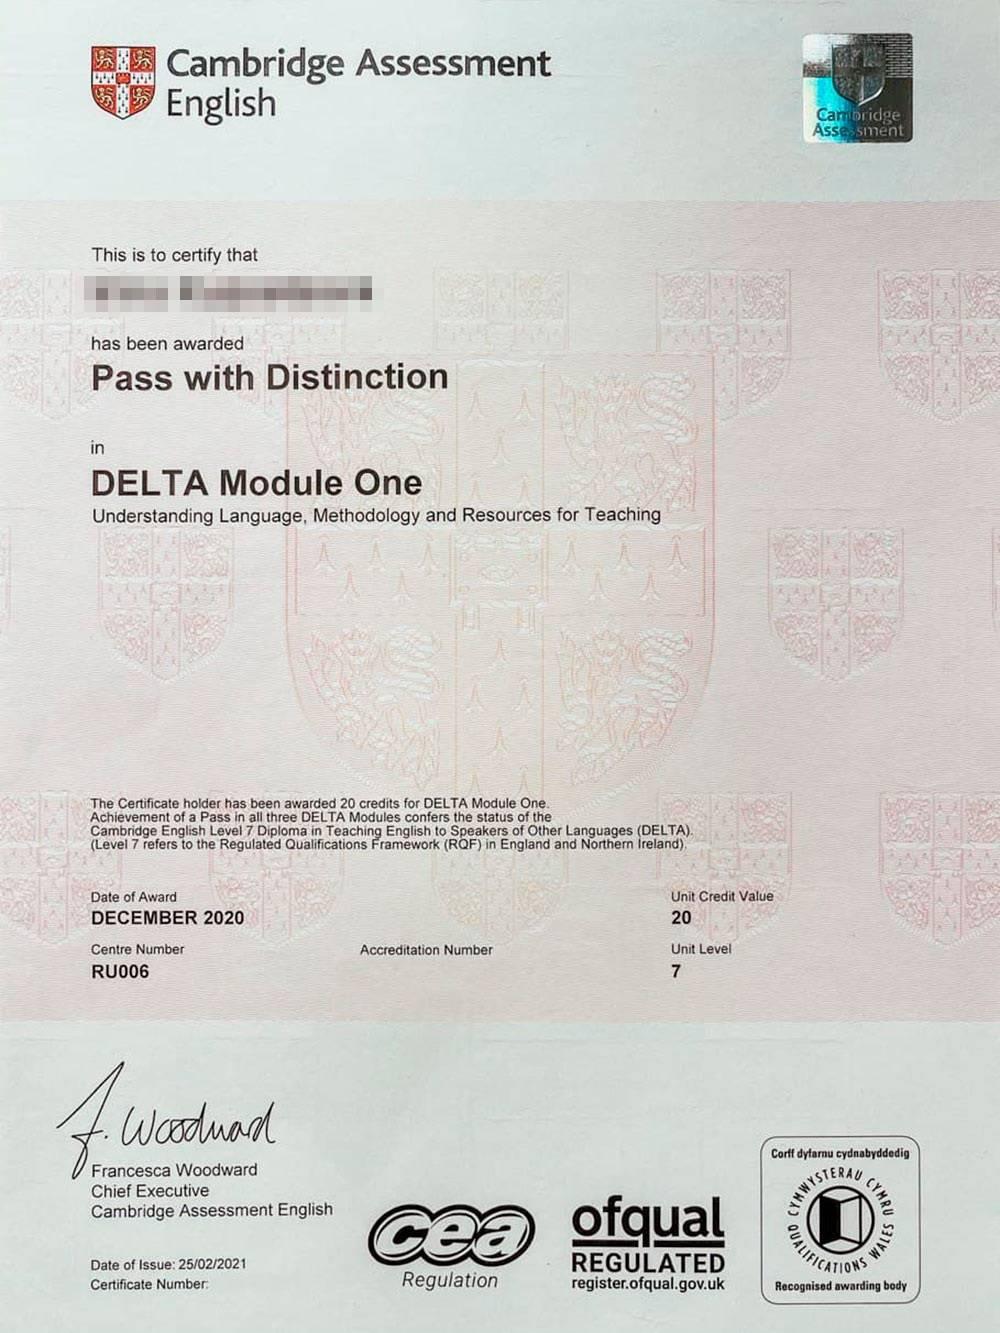 Сертификат Delta дляанглийского языка: преподаватель понимает язык, освоил методологию, знает ресурсы дляпреподавания. Это первый модуль, есть еще два